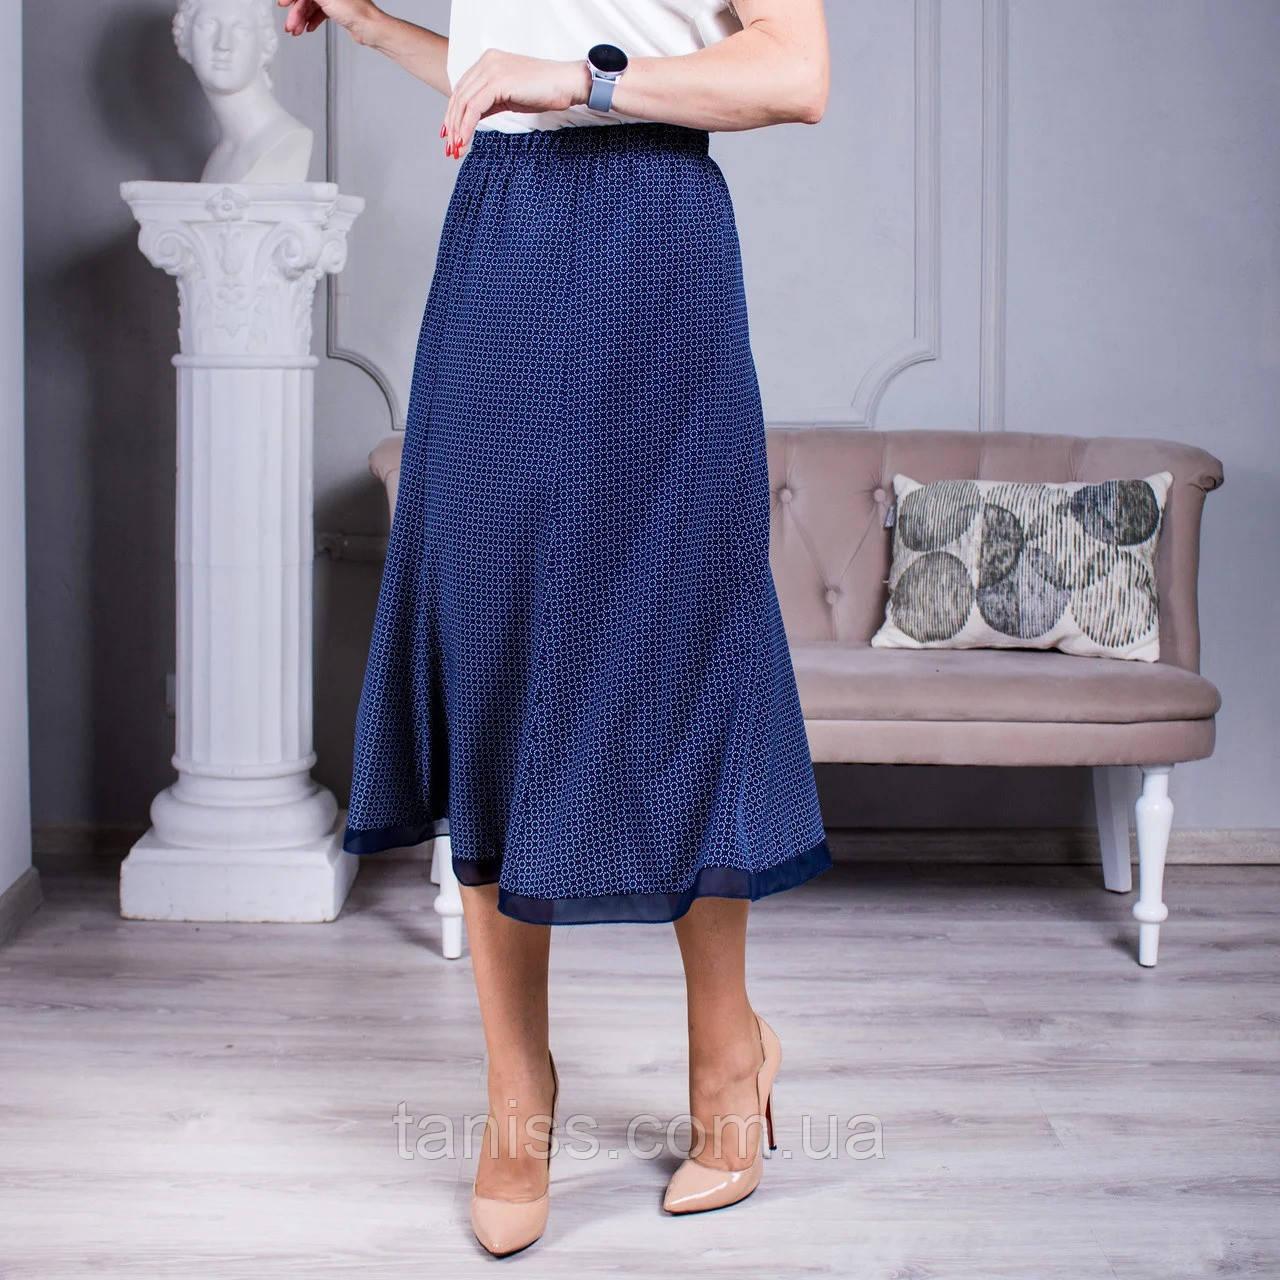 """Женская летняя  юбка  макси """"Годе """",ткань софт, размеры 52,54,56,58,60,62,64 ,синяя с красным ,спідниця"""